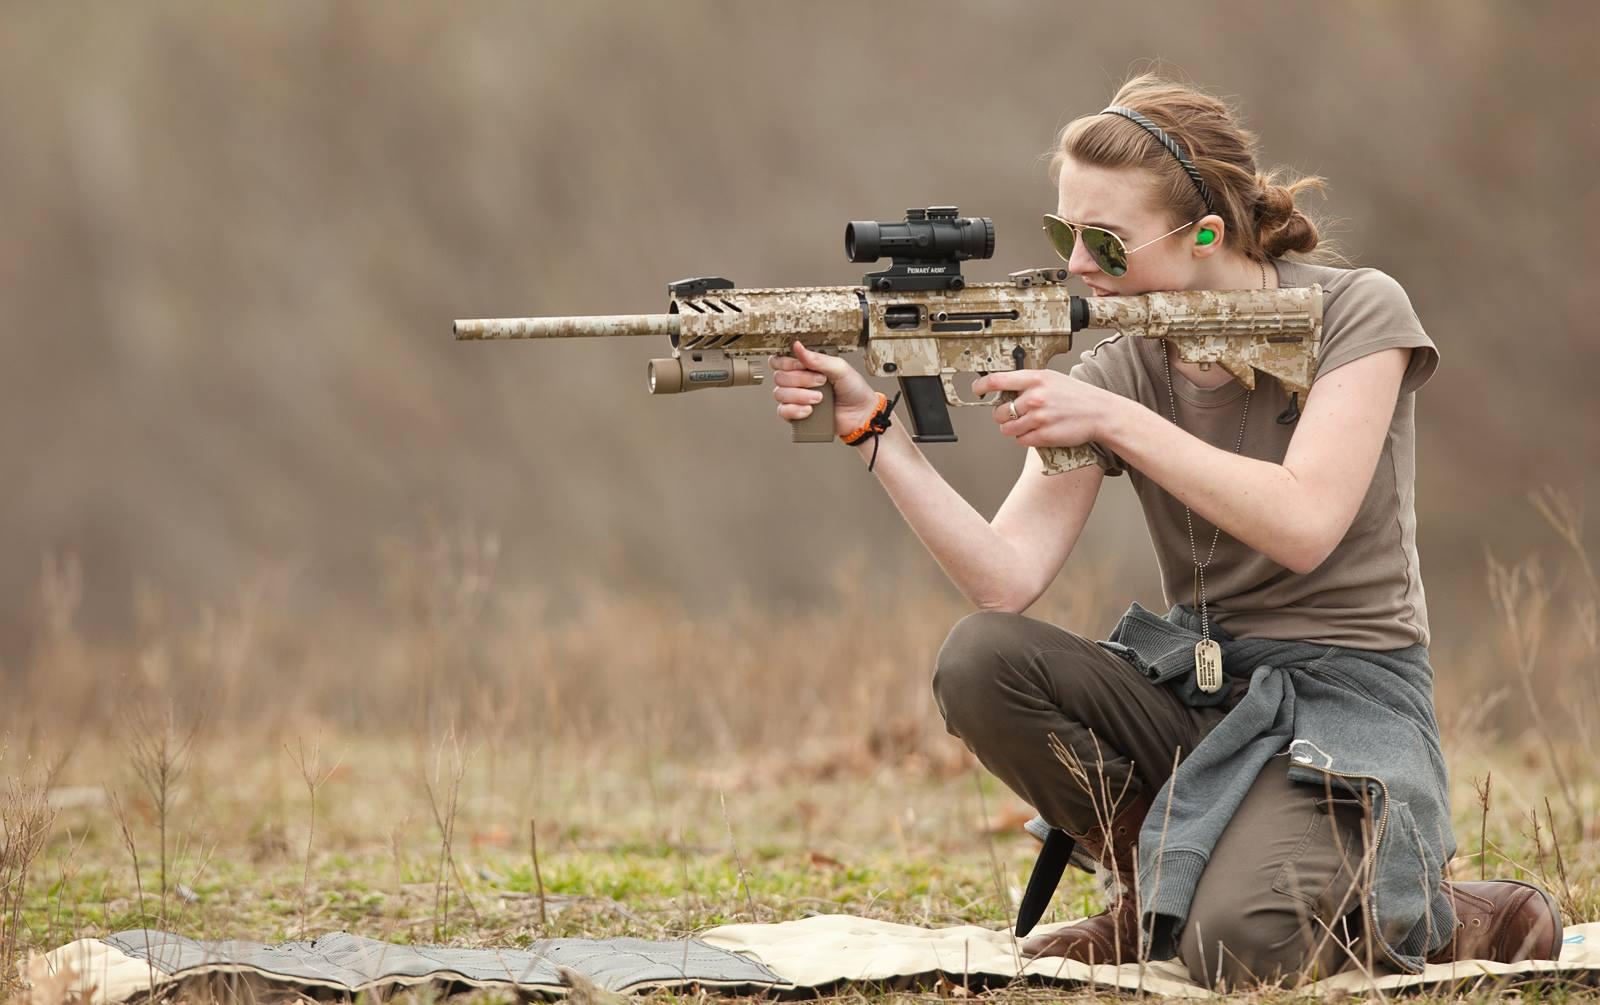 Многокалиберная винтовка для выживания Aero Survival